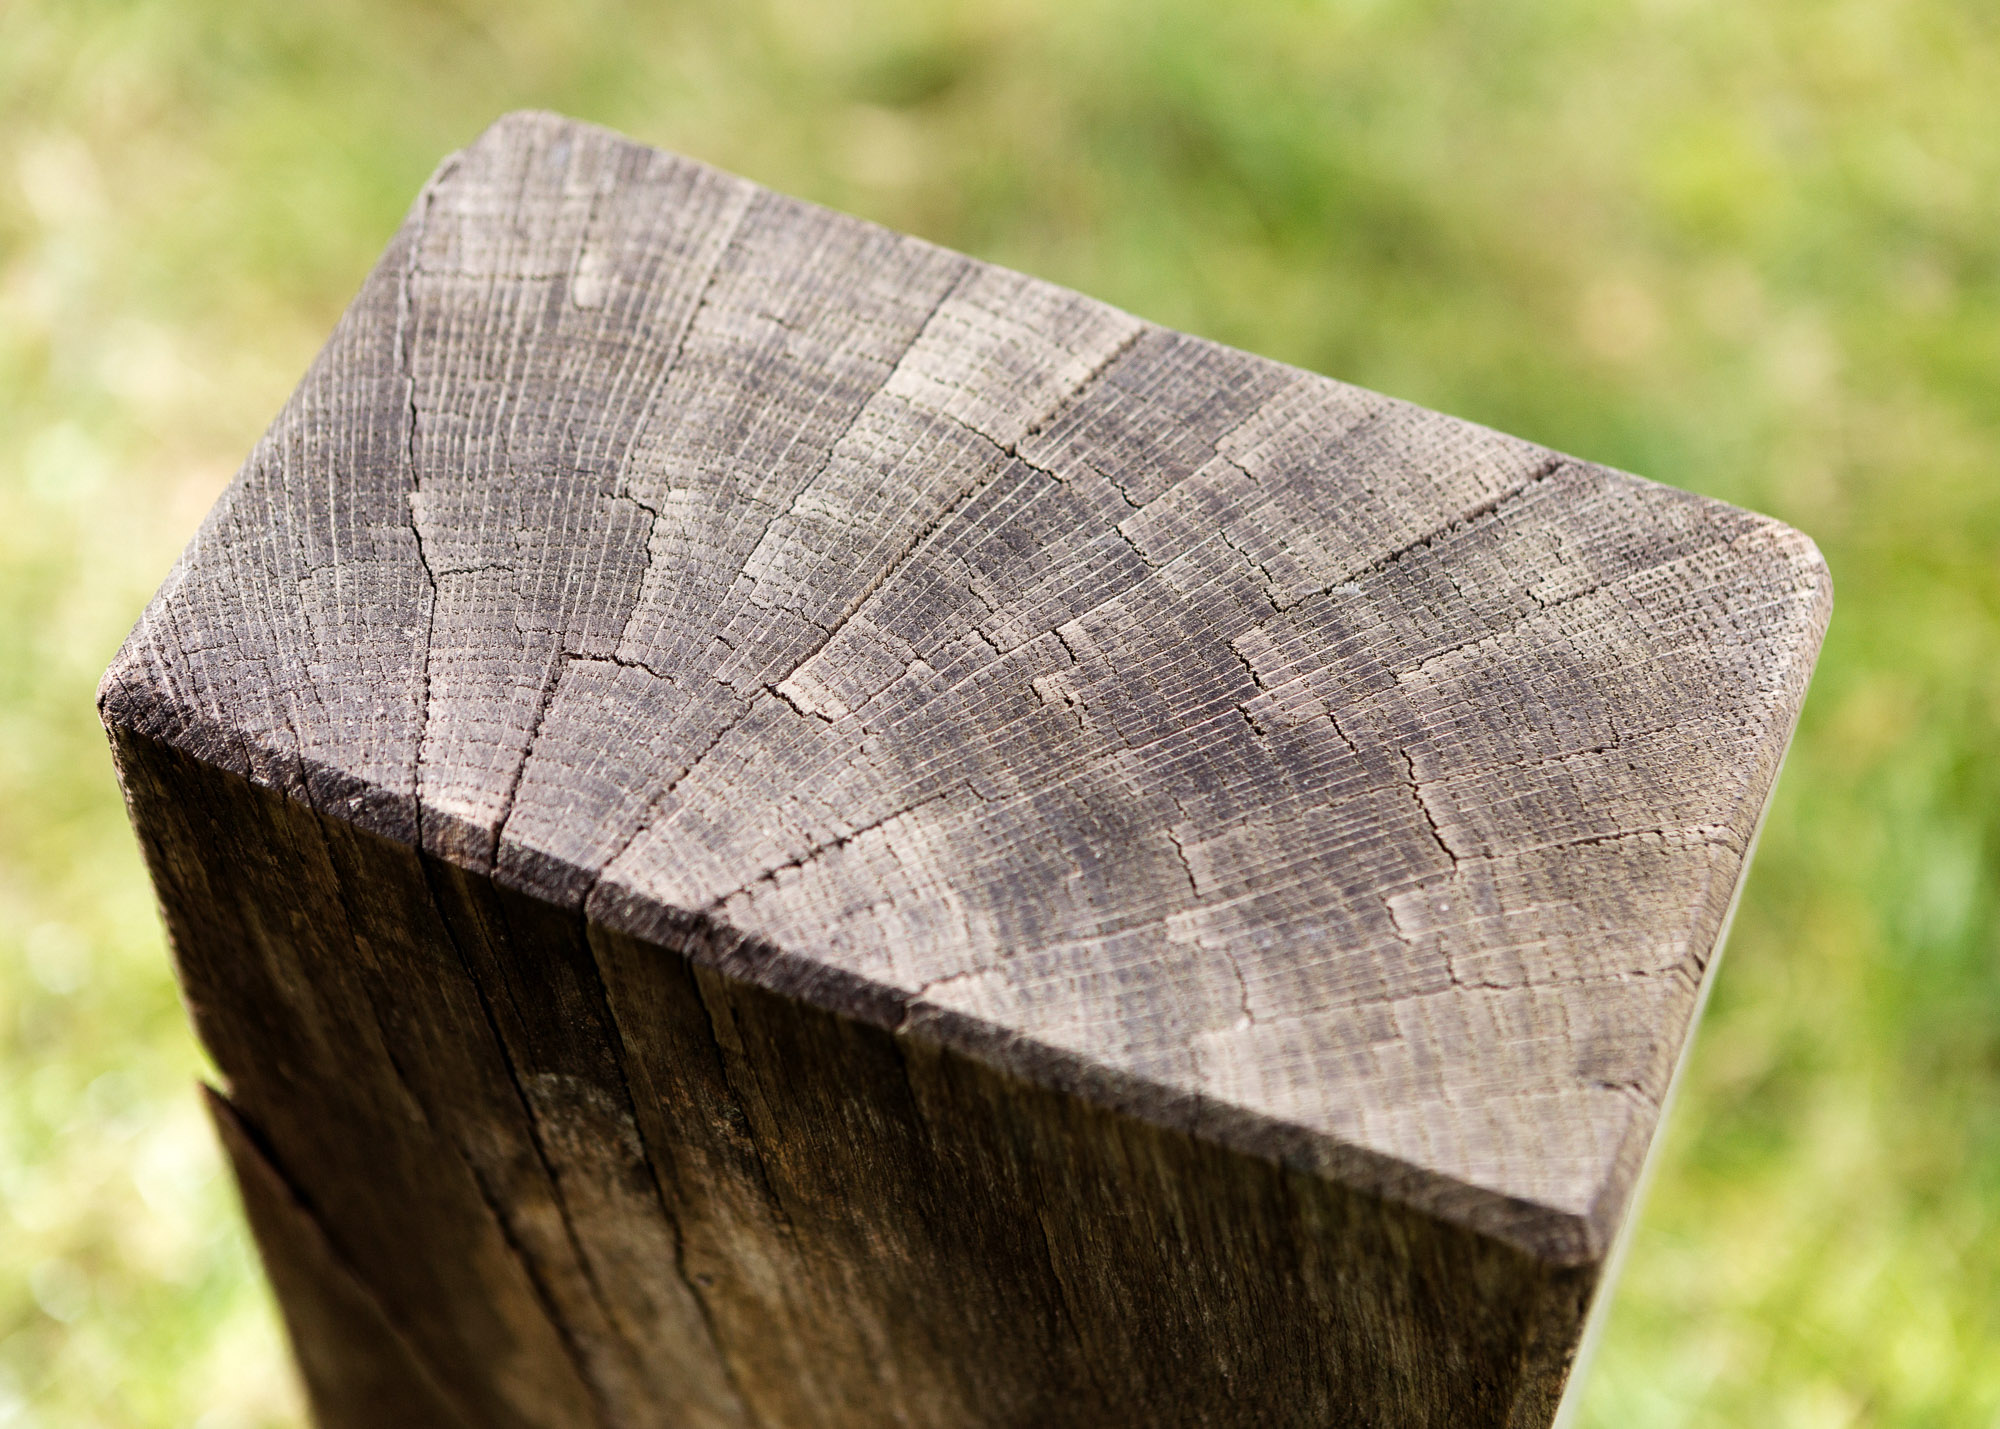 Urnengrabmal als Holzblock mit langer Emailletafel - Familiengrabmal oder Ehegatten Grabmal